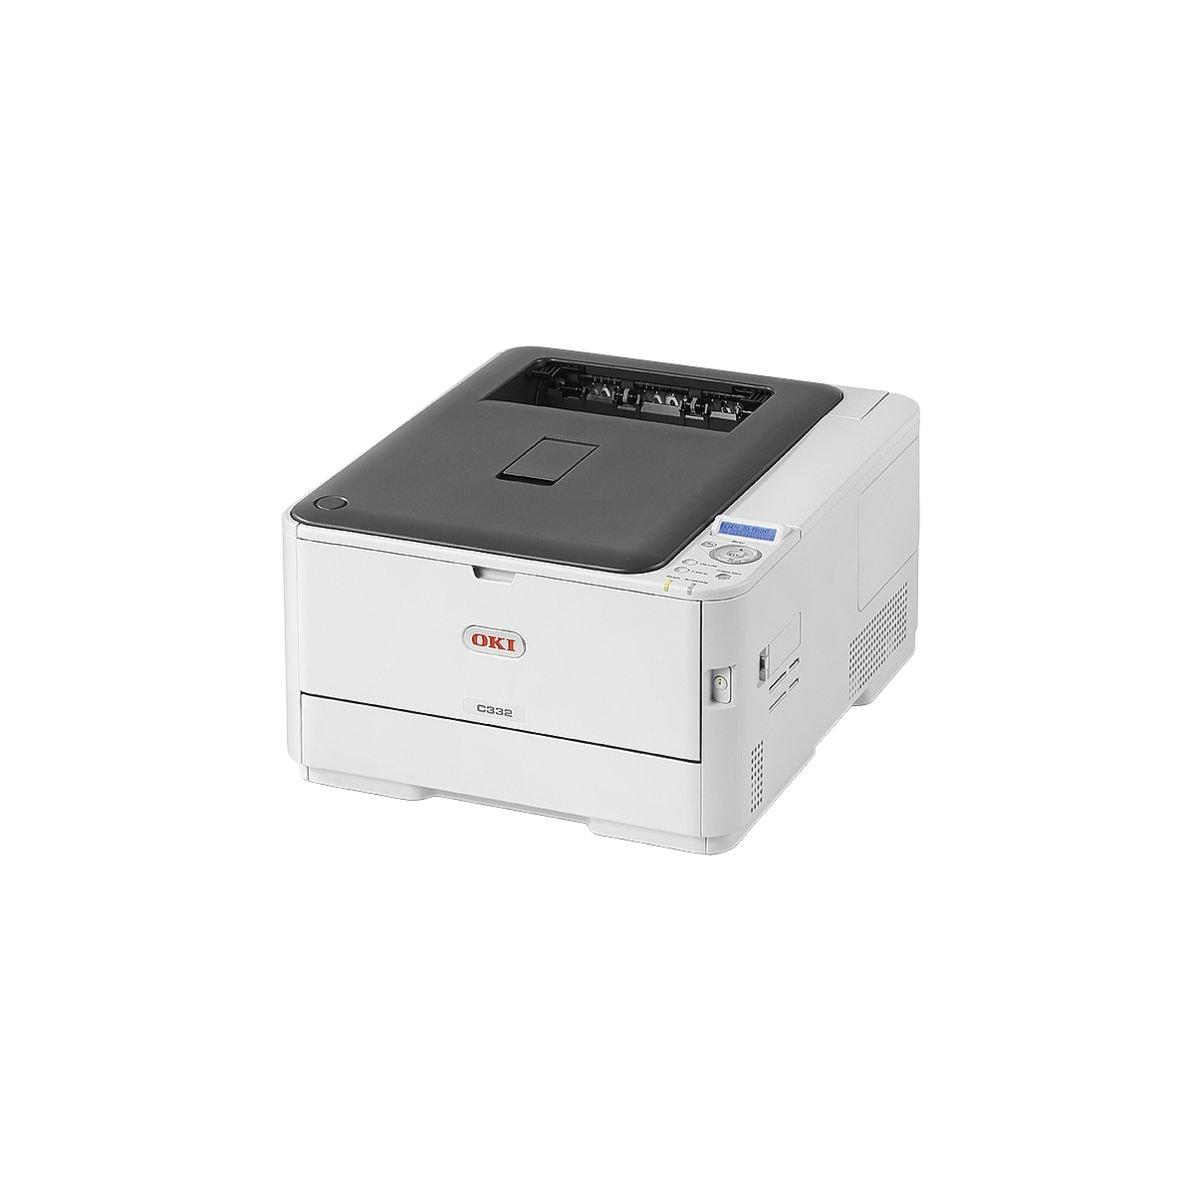 OKI C332dn Laserdrucker, A4 Farb-Laserdrucker, 1200 x 600 dpi, mit LAN